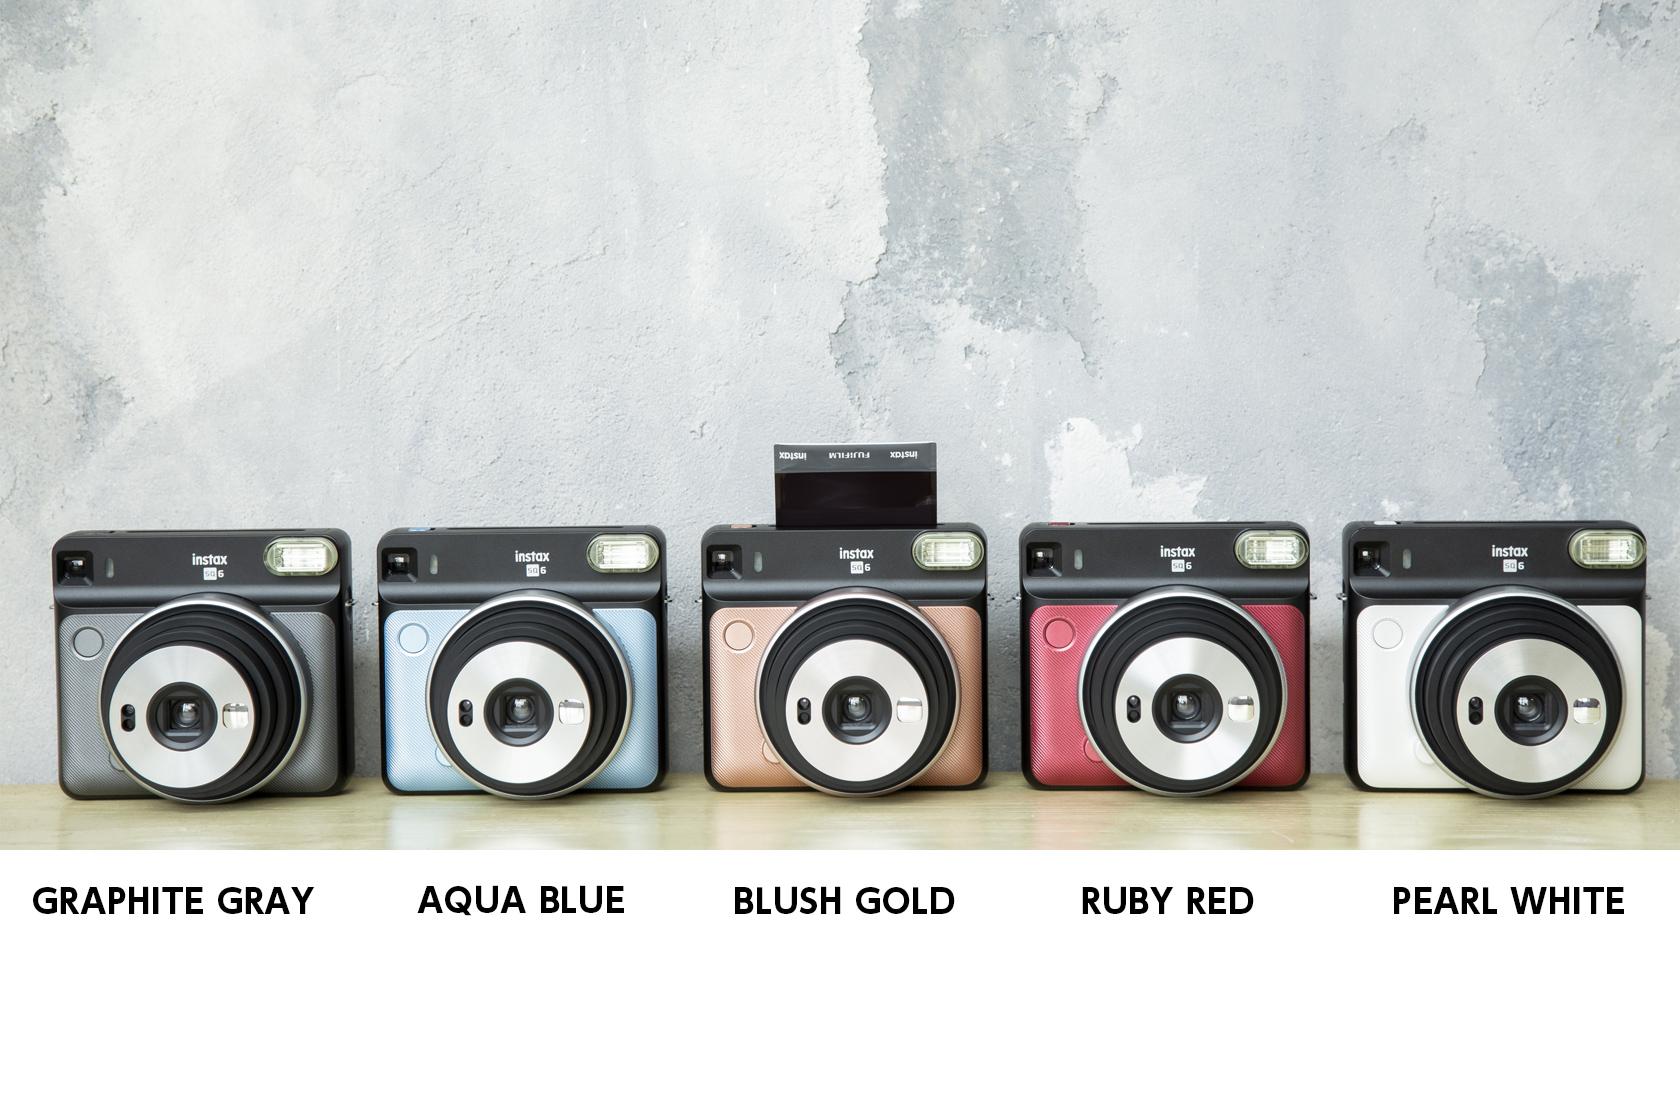 Cámara SQUARE SQ6 en los cinco colores